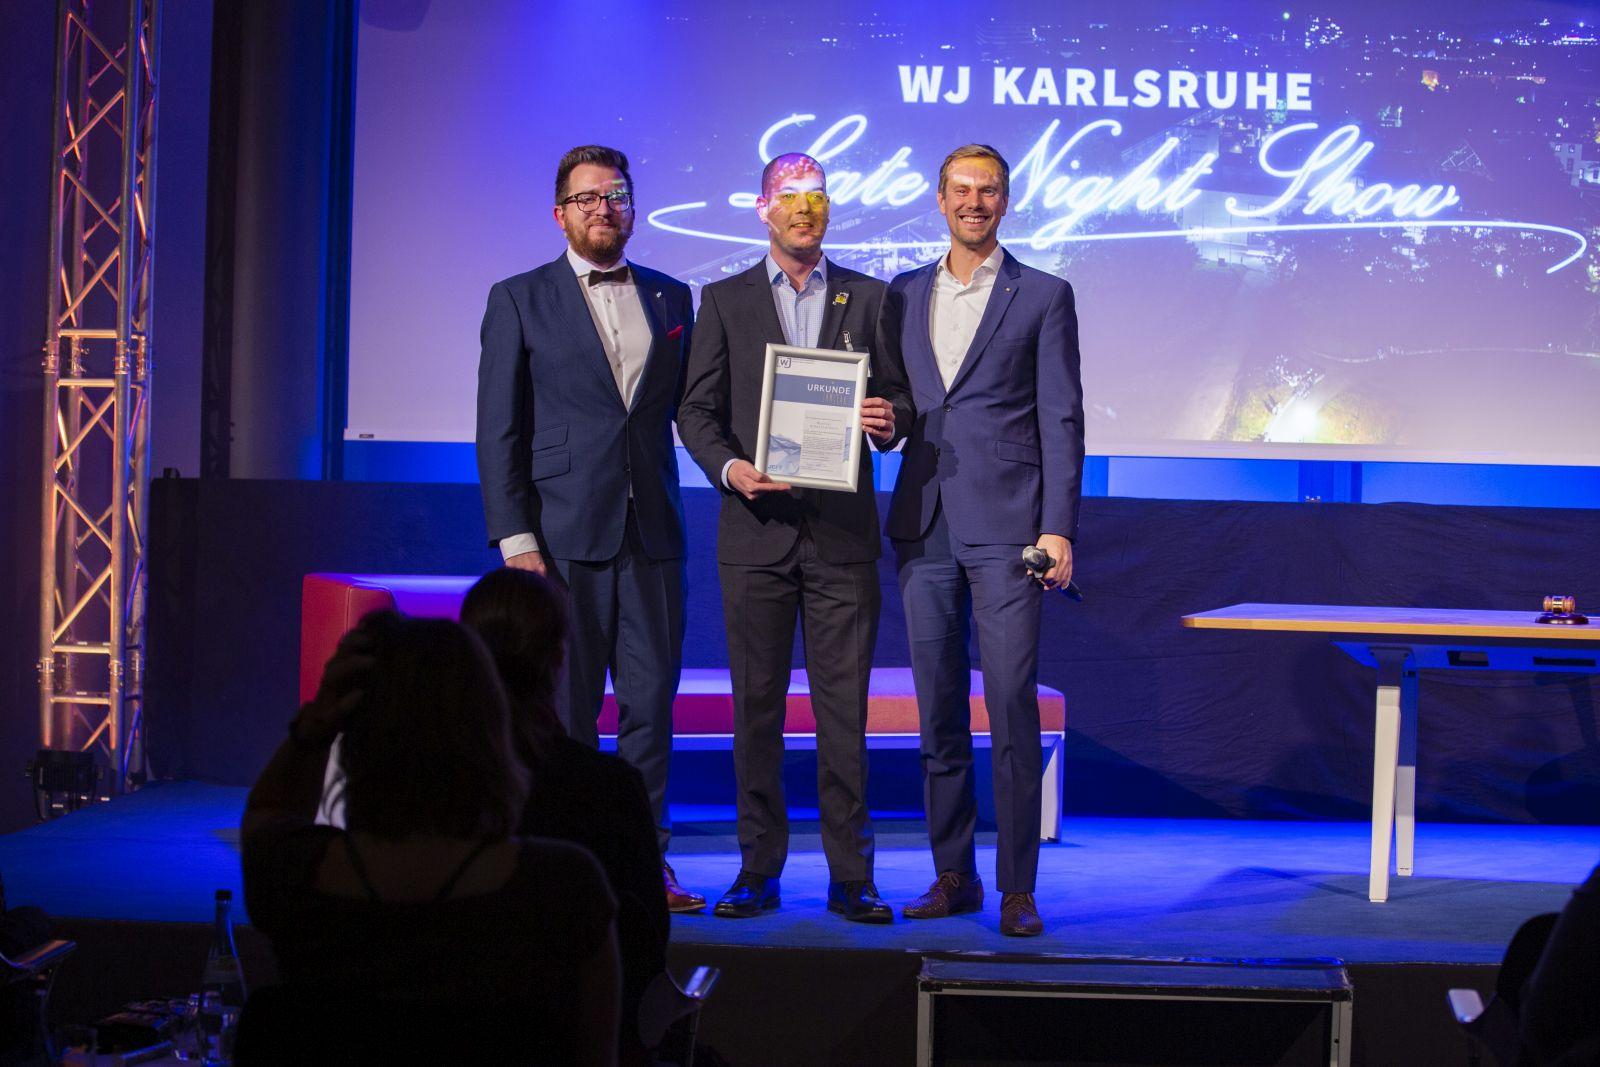 JHV 2019 Jahreshauptversammlung in der IHK mit Daniel Stöck und Nicolai Schmittecker Award